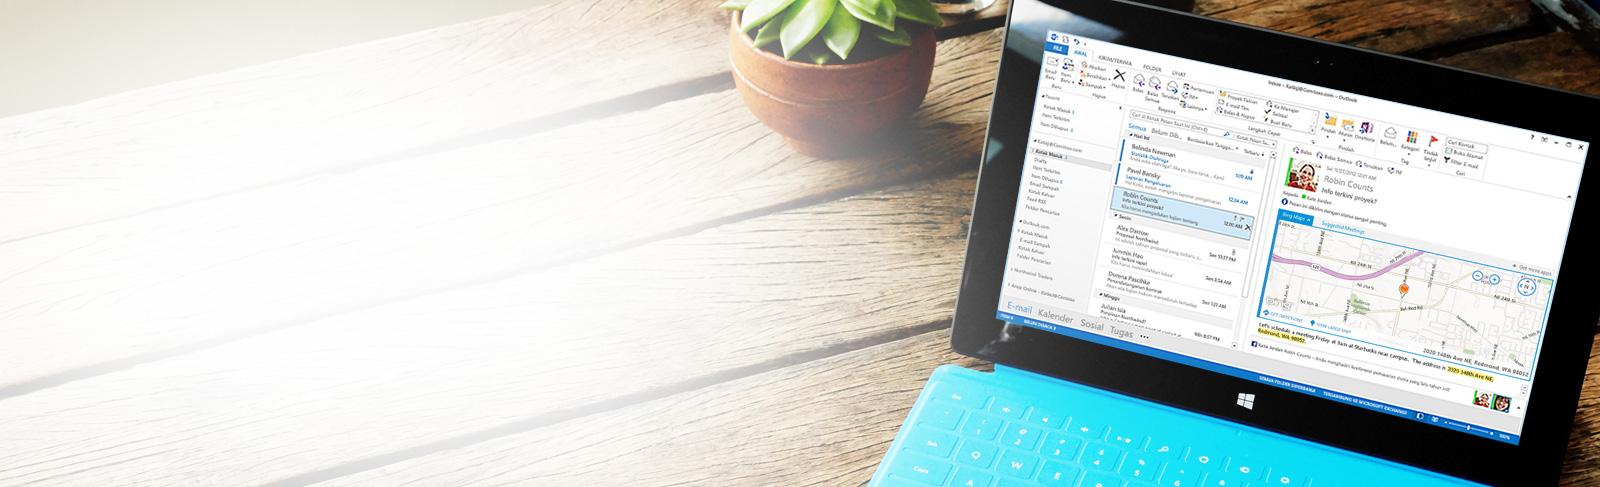 Tablet menampilkan kotak masuk Microsoft Outlook 2013 yang berisi daftar pesan dan pratinjau.